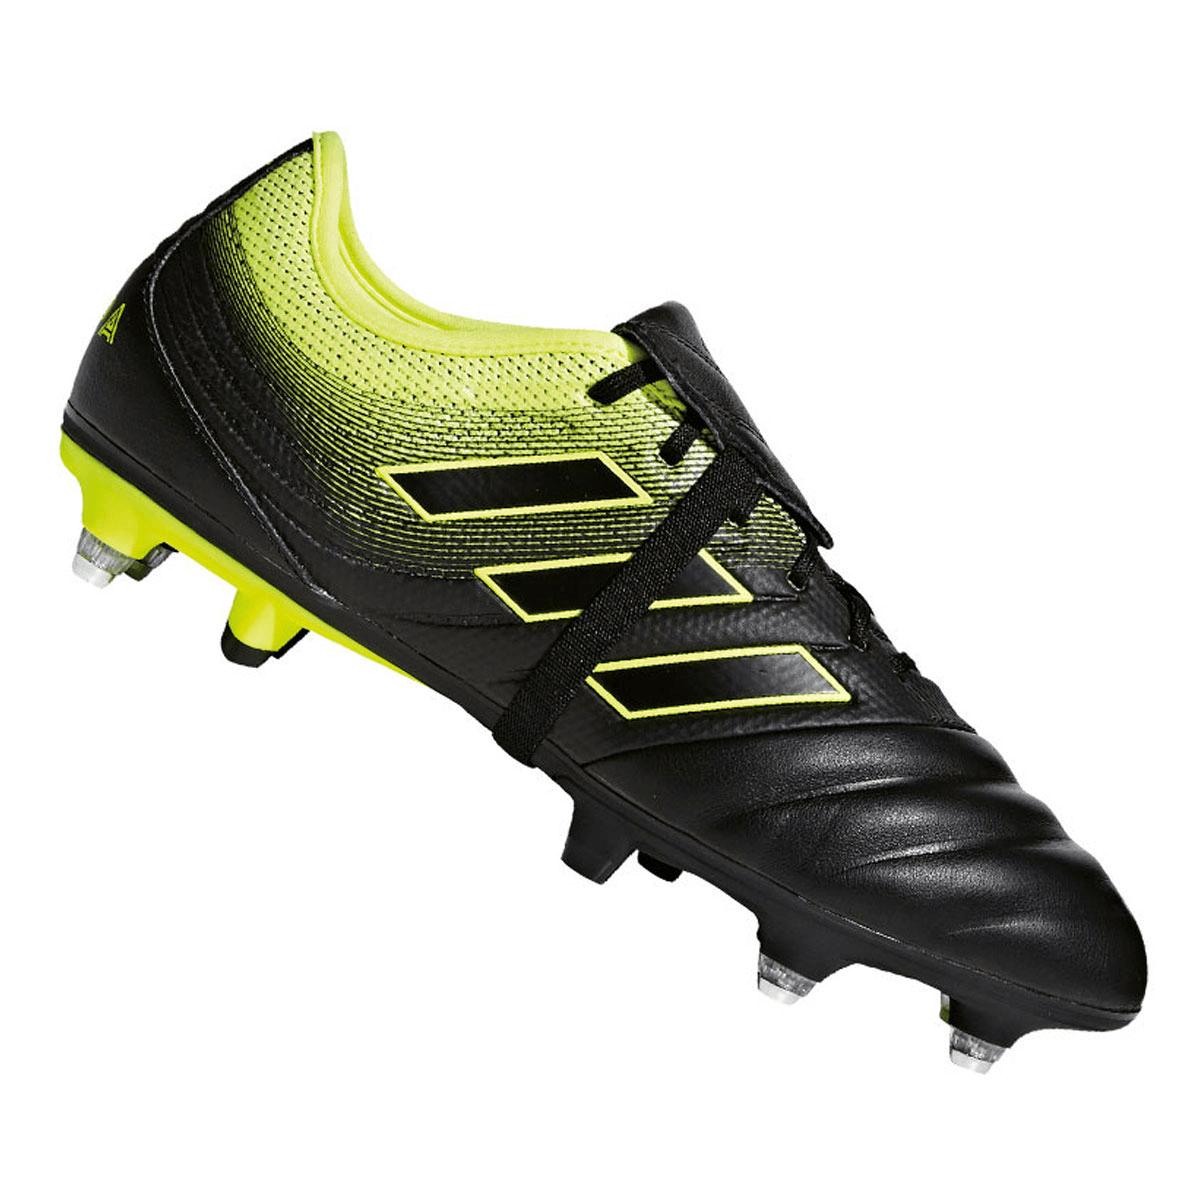 fussballschuh adidas schwarz gelb